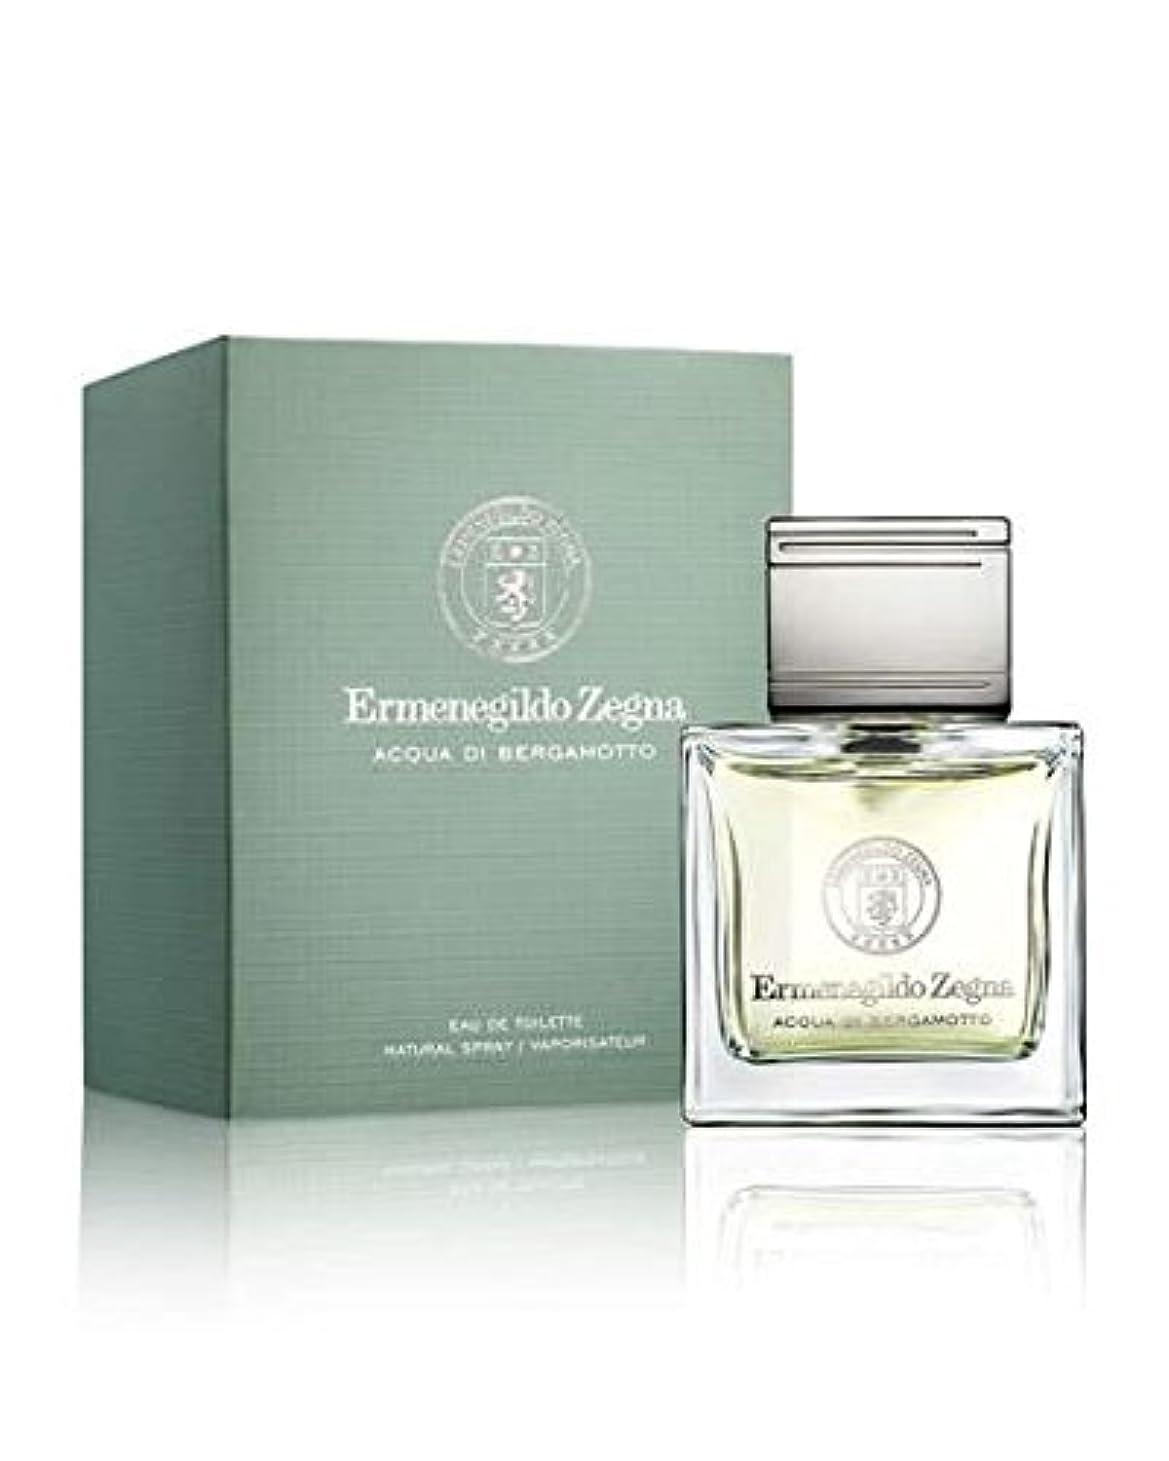 困惑した首相スーダンErmenegildo Zegna Acqua Di Bergamotto (エルメネジルド ゼニア アクア ディ ベルガモット) 1.7 oz (50ml) EDT Spray for Men